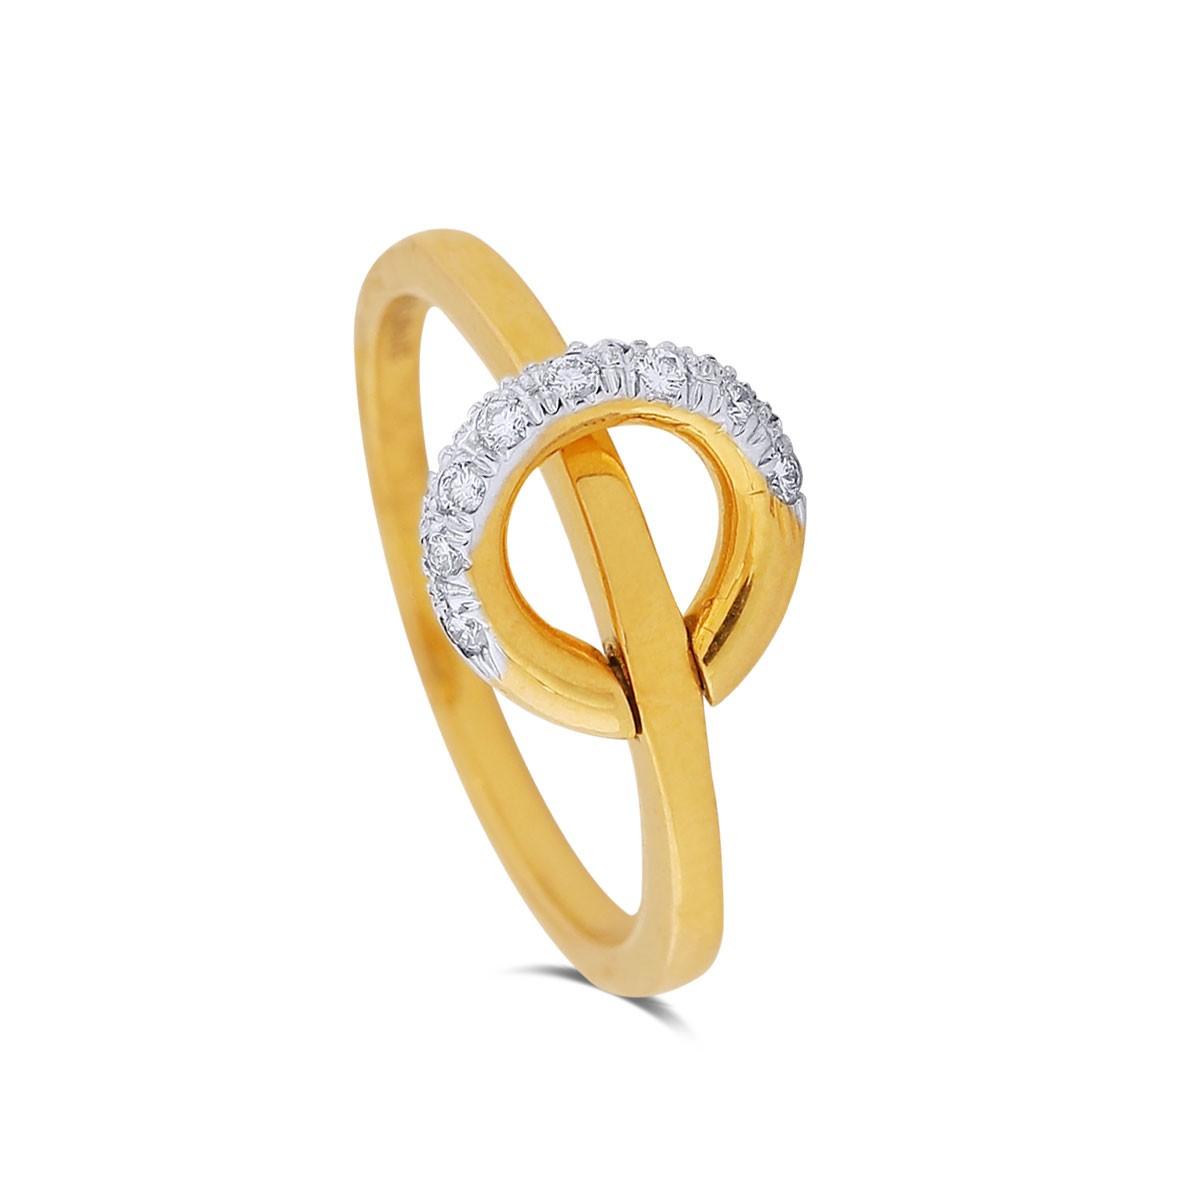 Bonita Yellow Gold Diamond Ring